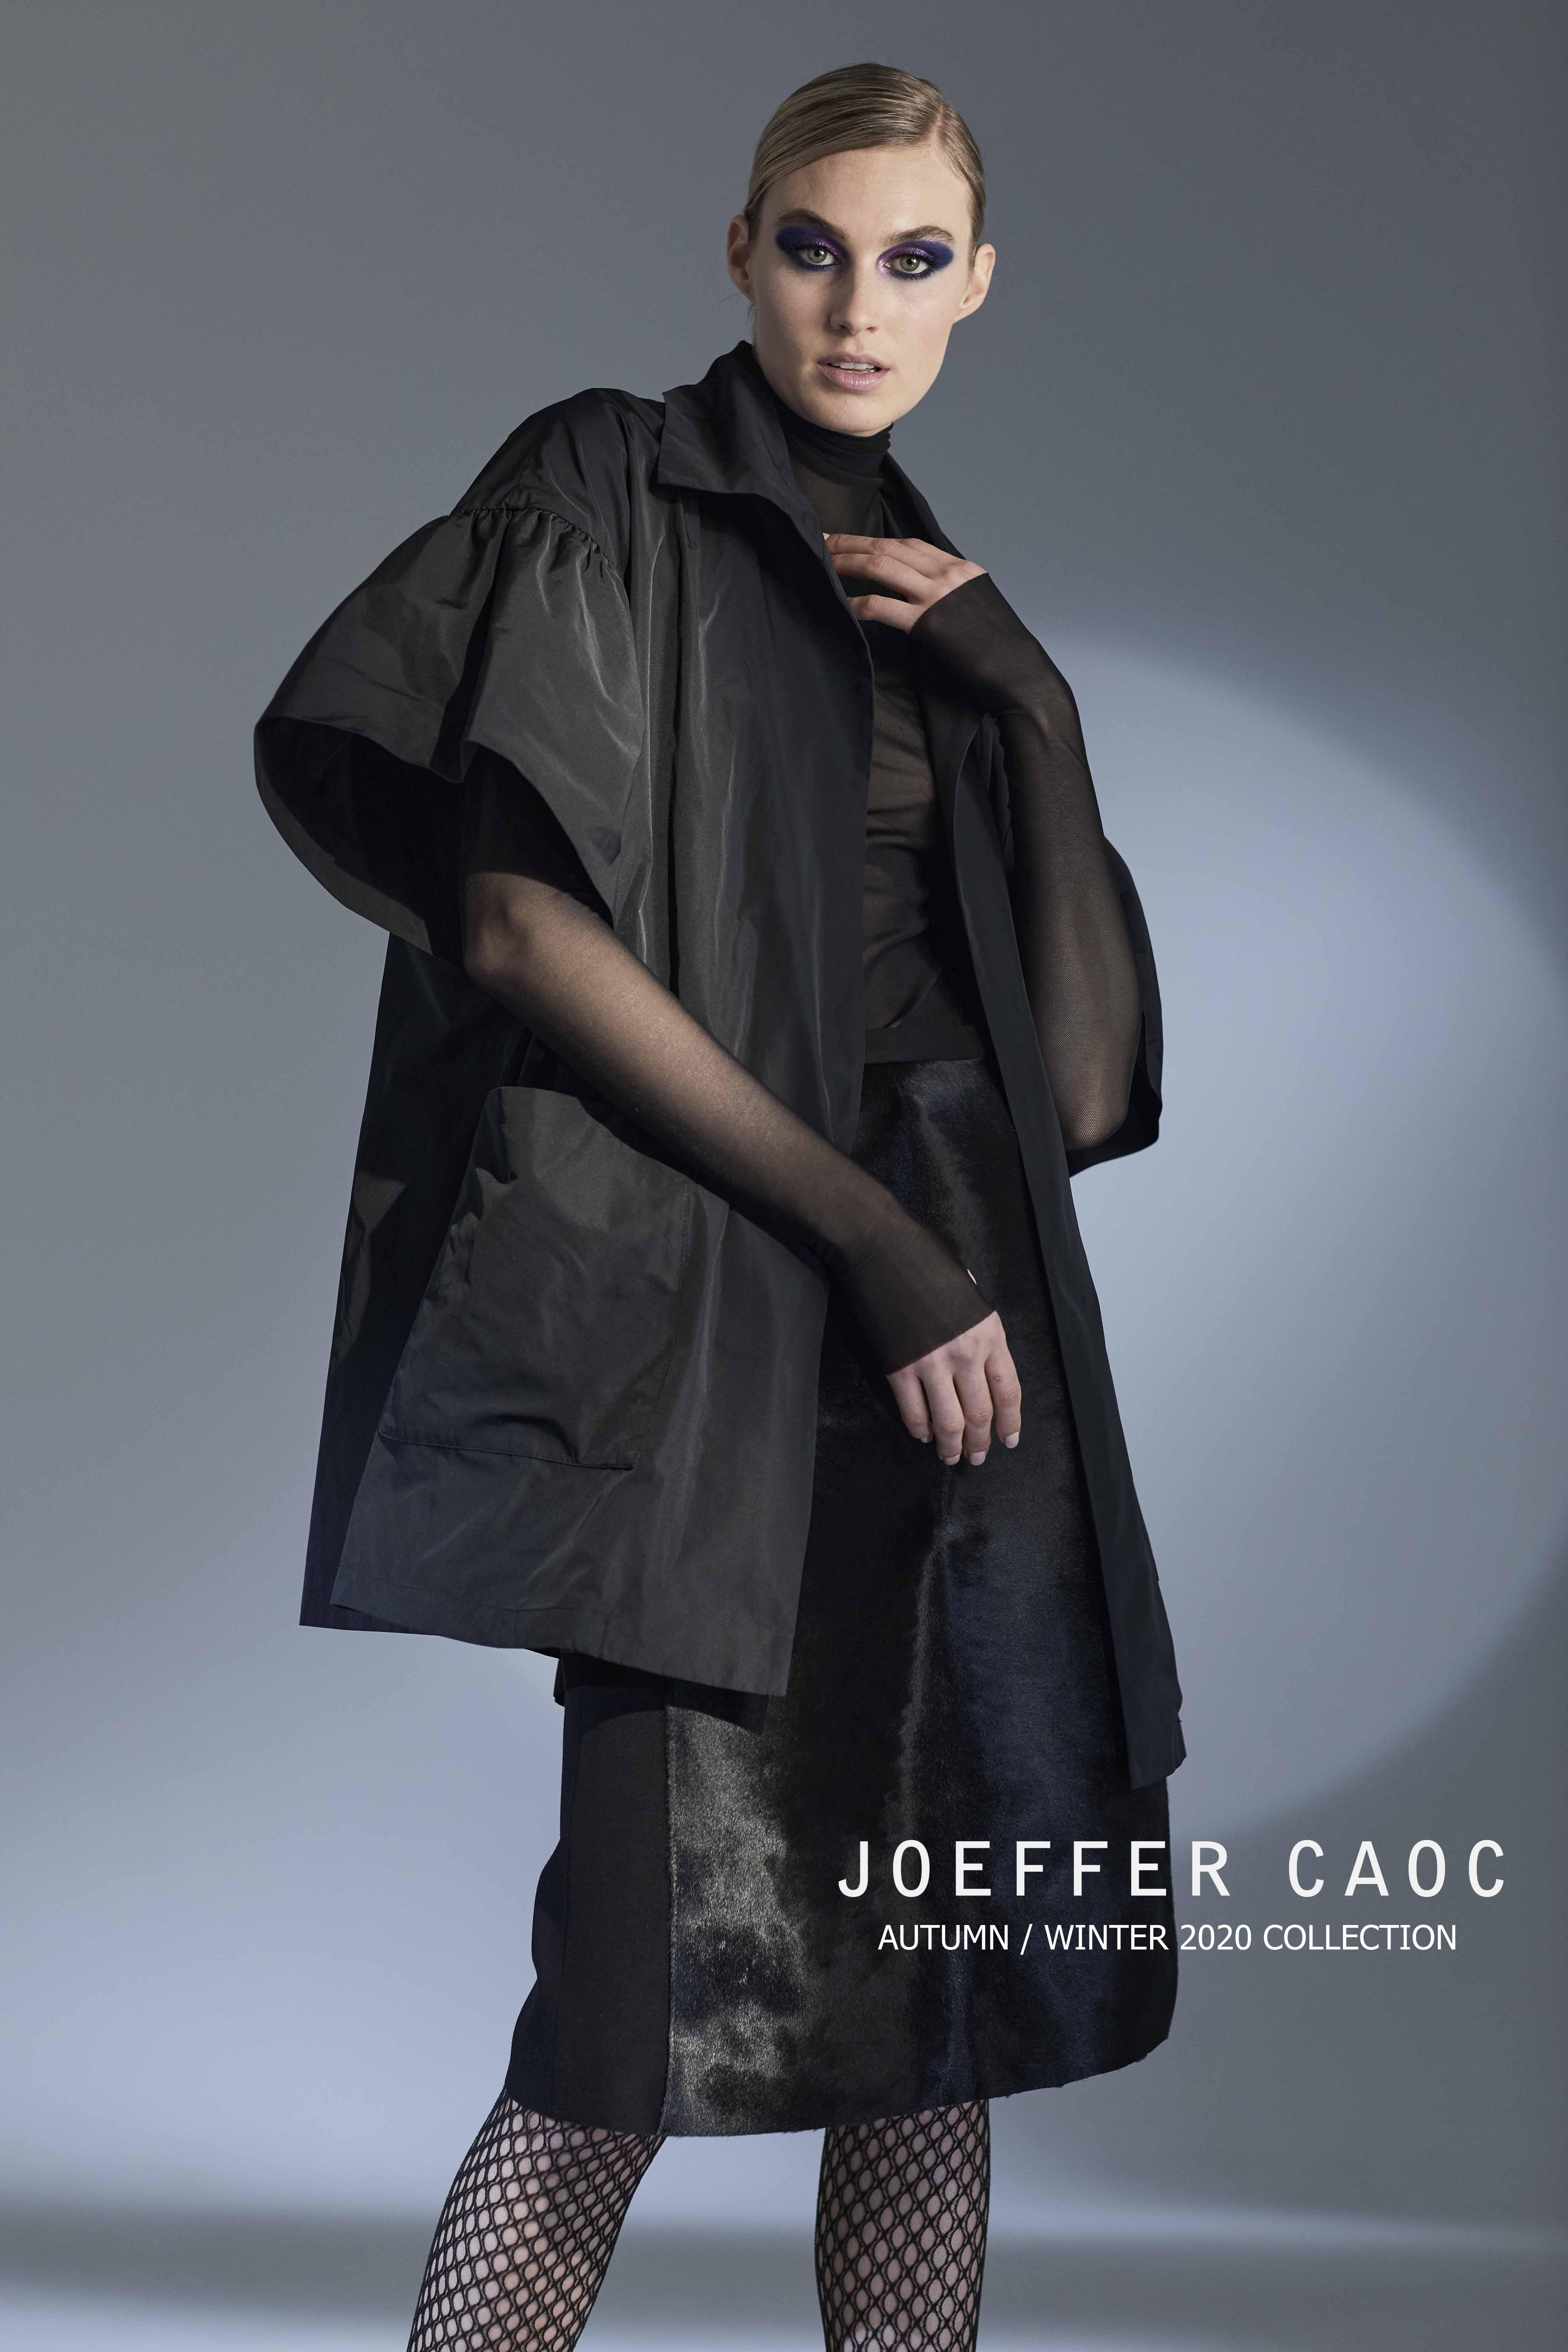 JoefferCaoc_FW20_03_0068